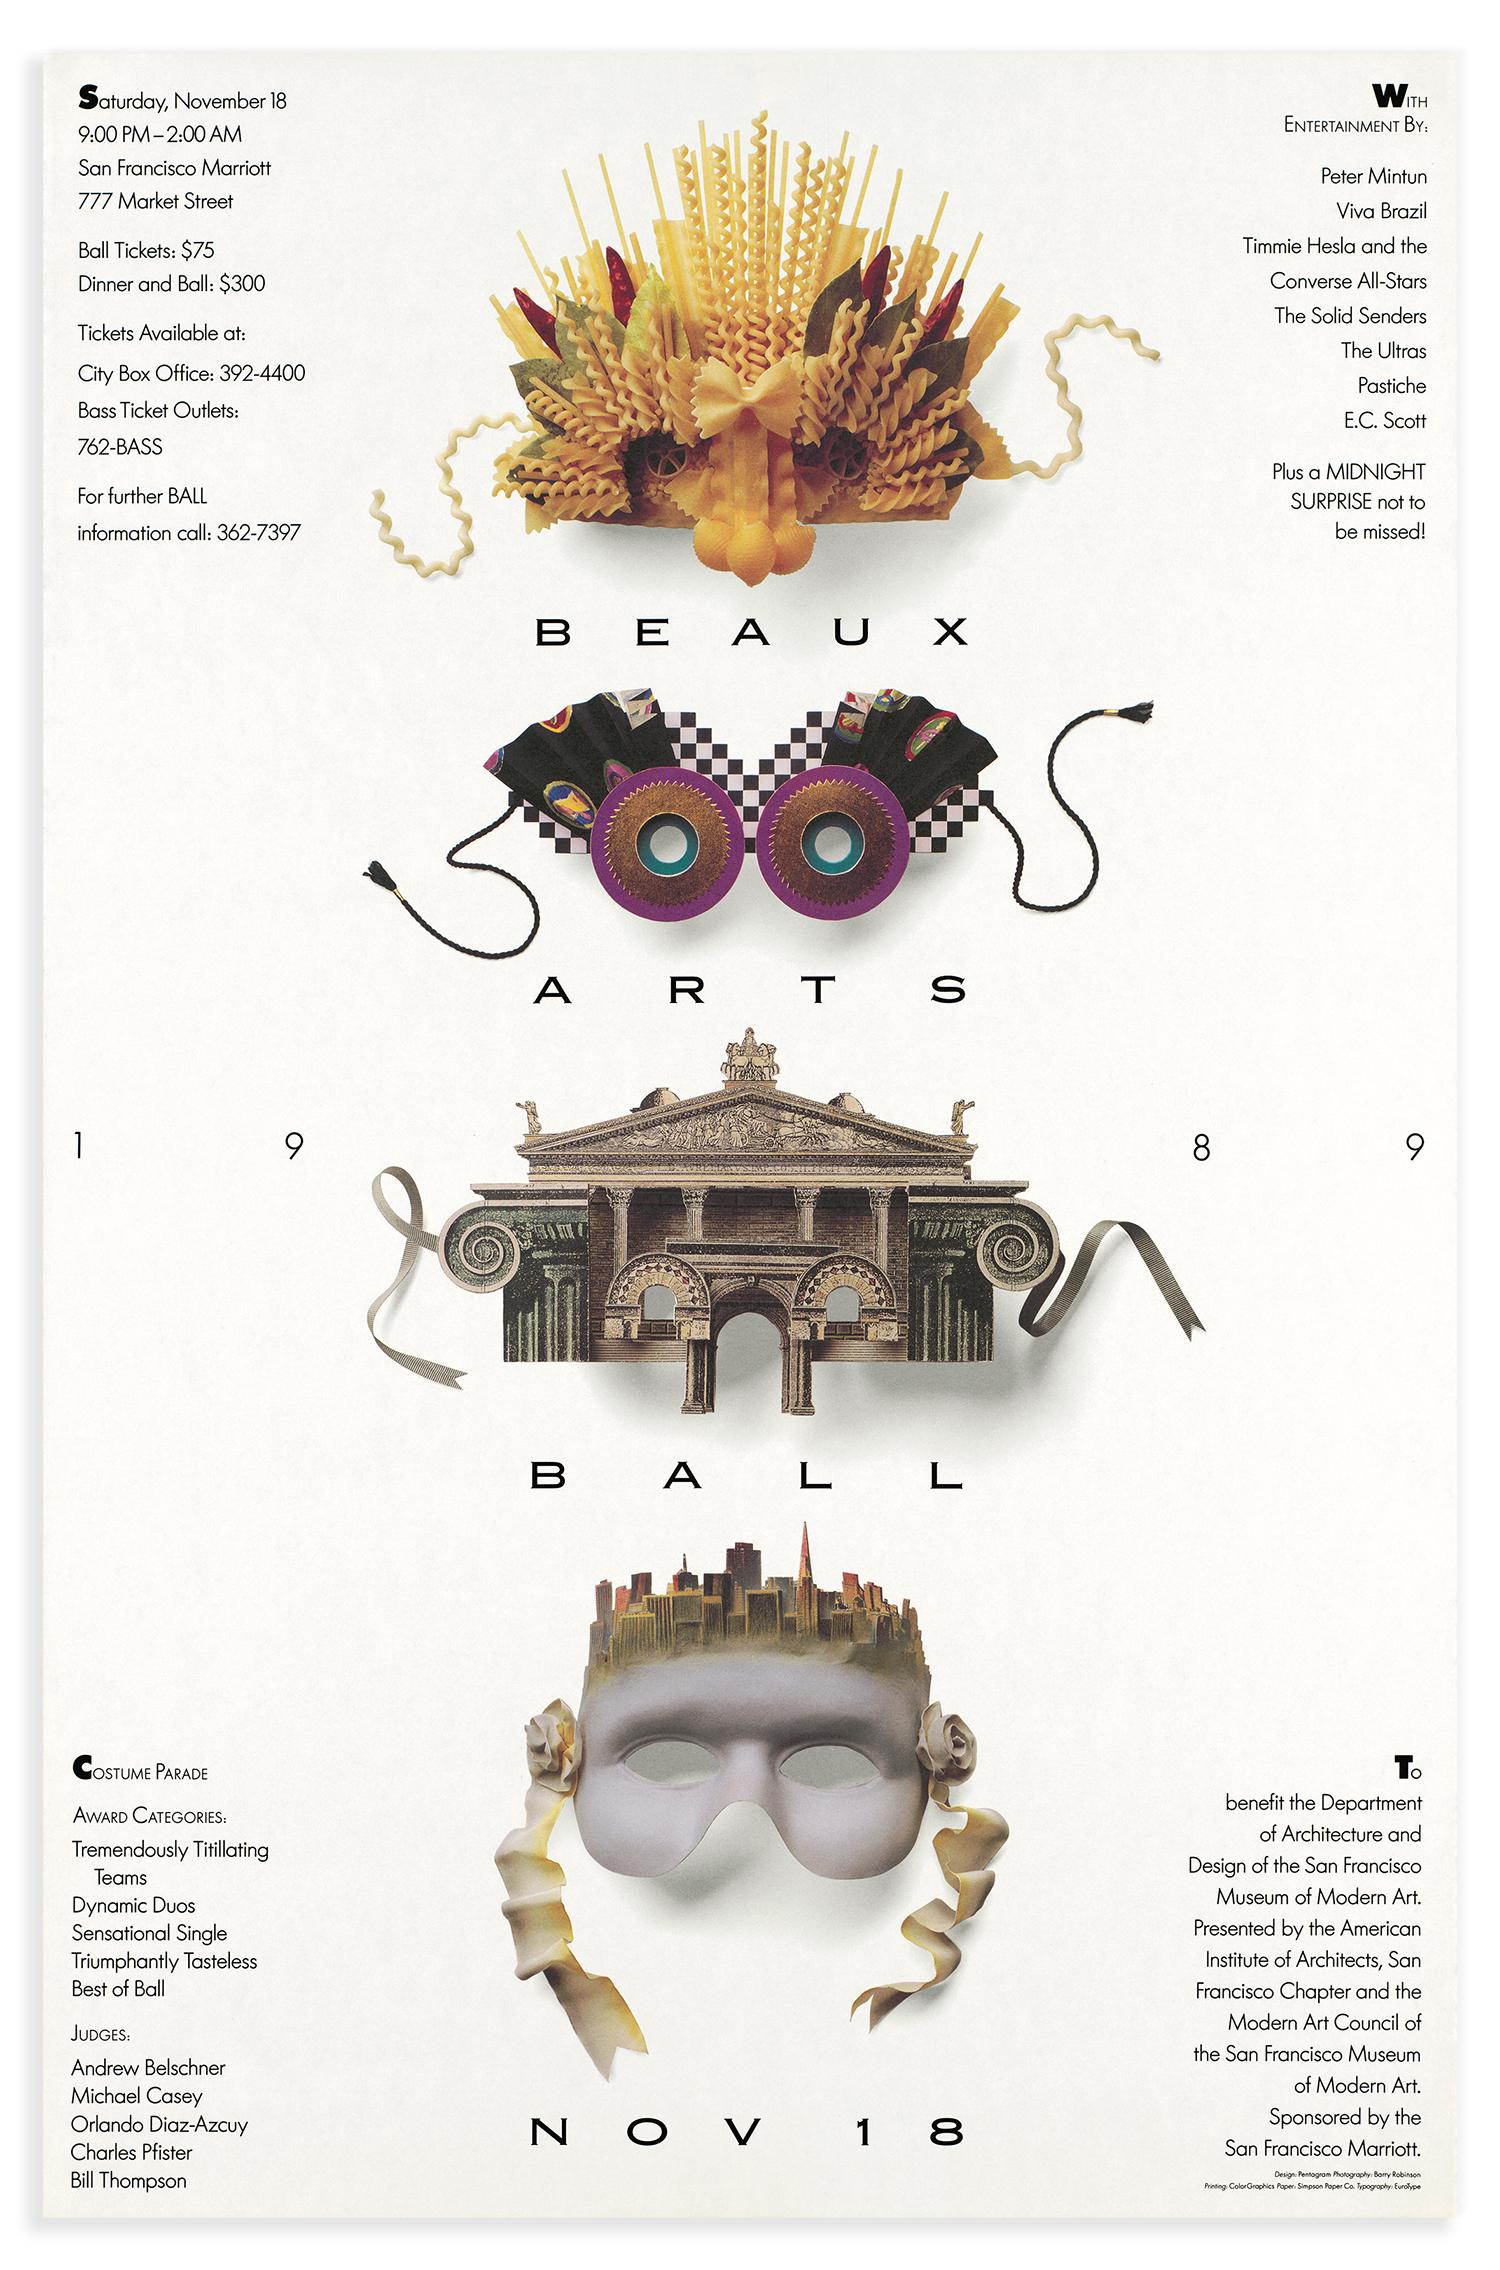 Beaux Arts Ball: San Francisco Museum of Modern Art 1989.